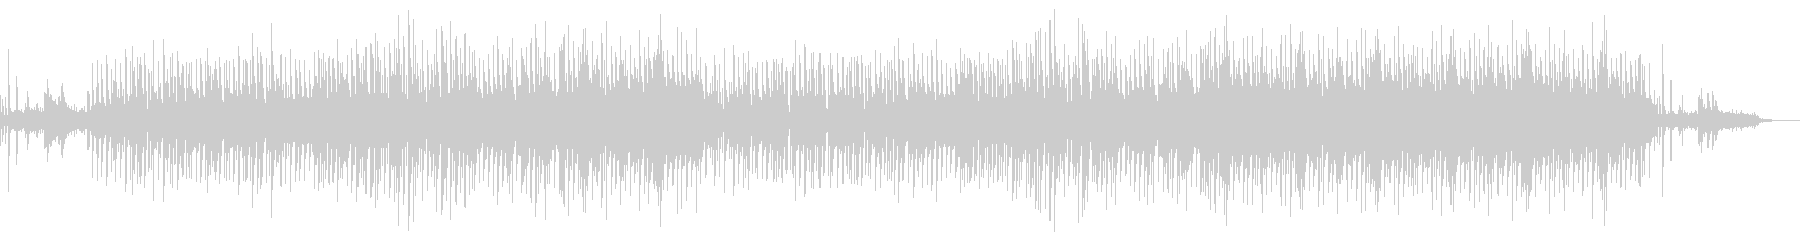 ストリングスを多様したポップス系BGMの未再生の波形